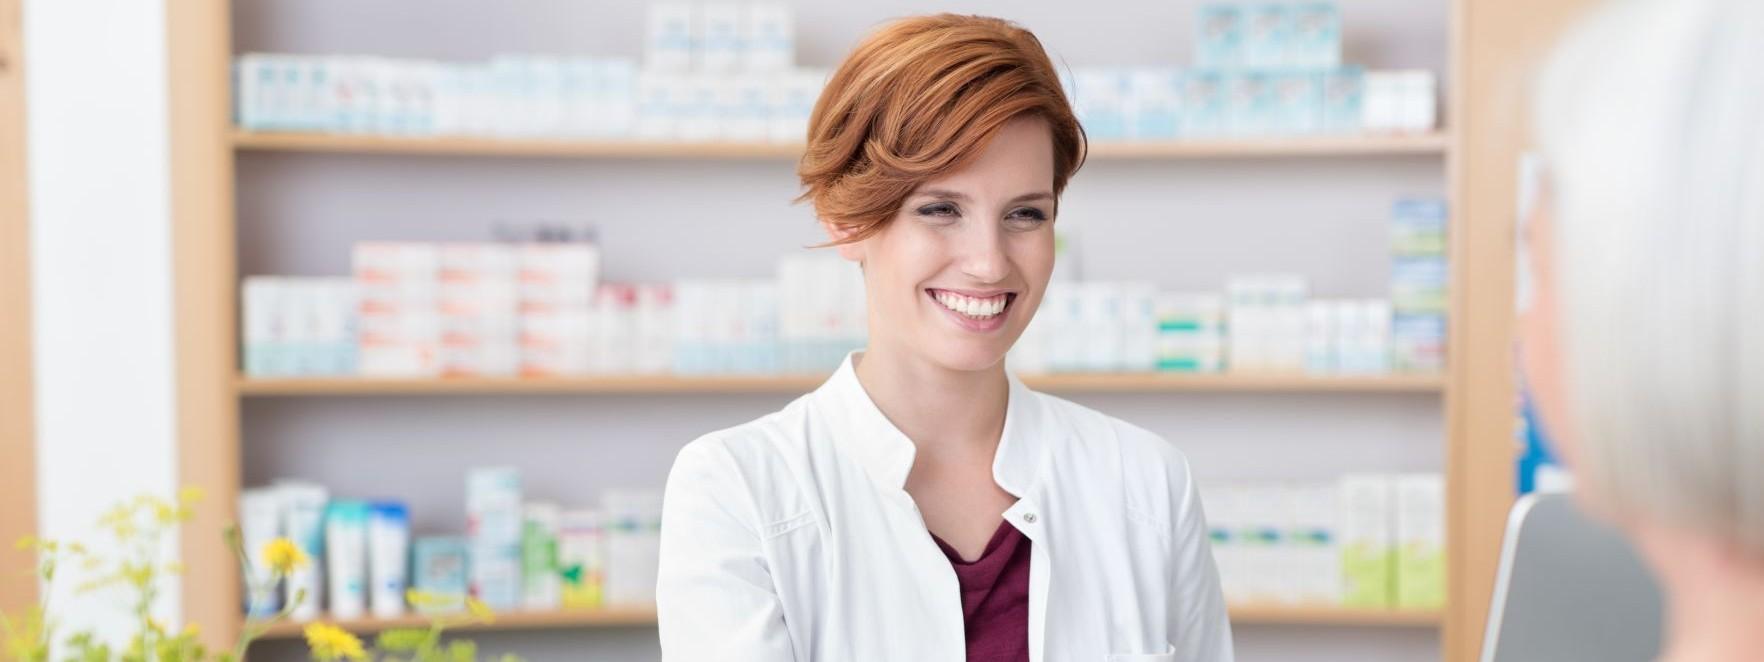 Eine Apothekerin gibt einer Frau ein Medikament über den Tresen aus. Im Hintergrund steht ein regal mit vielen weiteren Arzneimitteln.